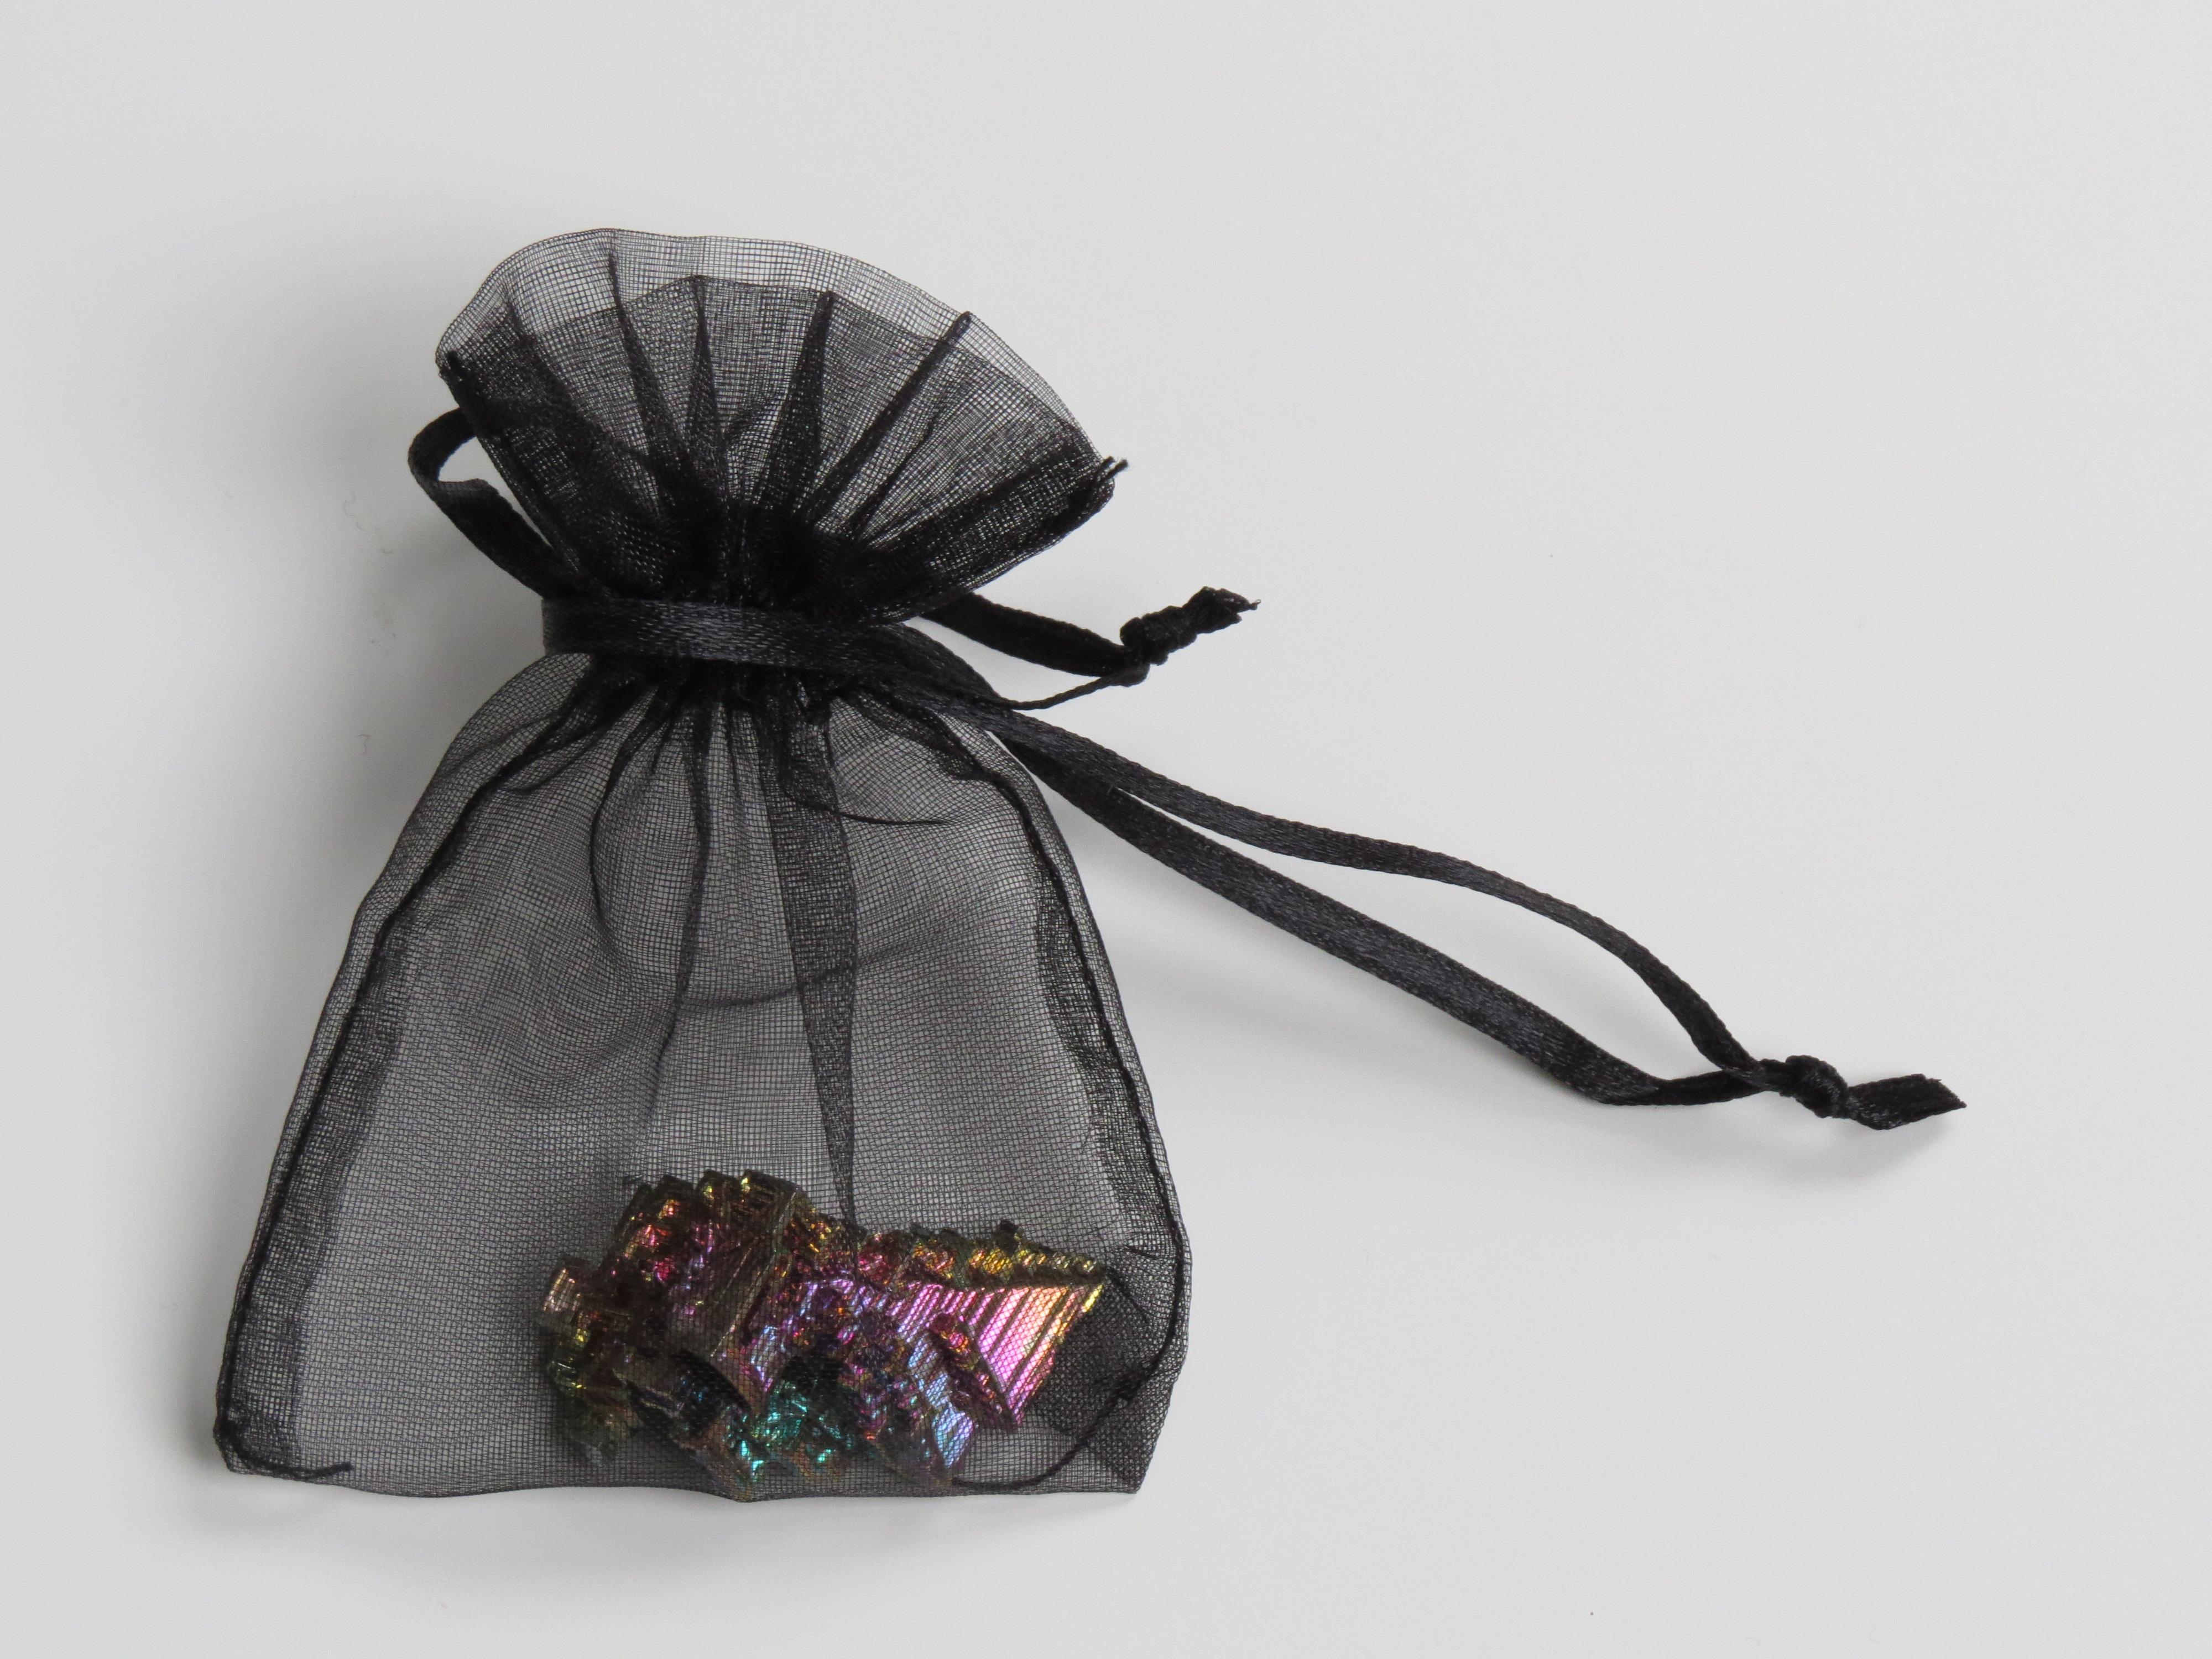 Kostenlose foto : Muster, Tasche, Kleidung, schwarz, Handtasche ...